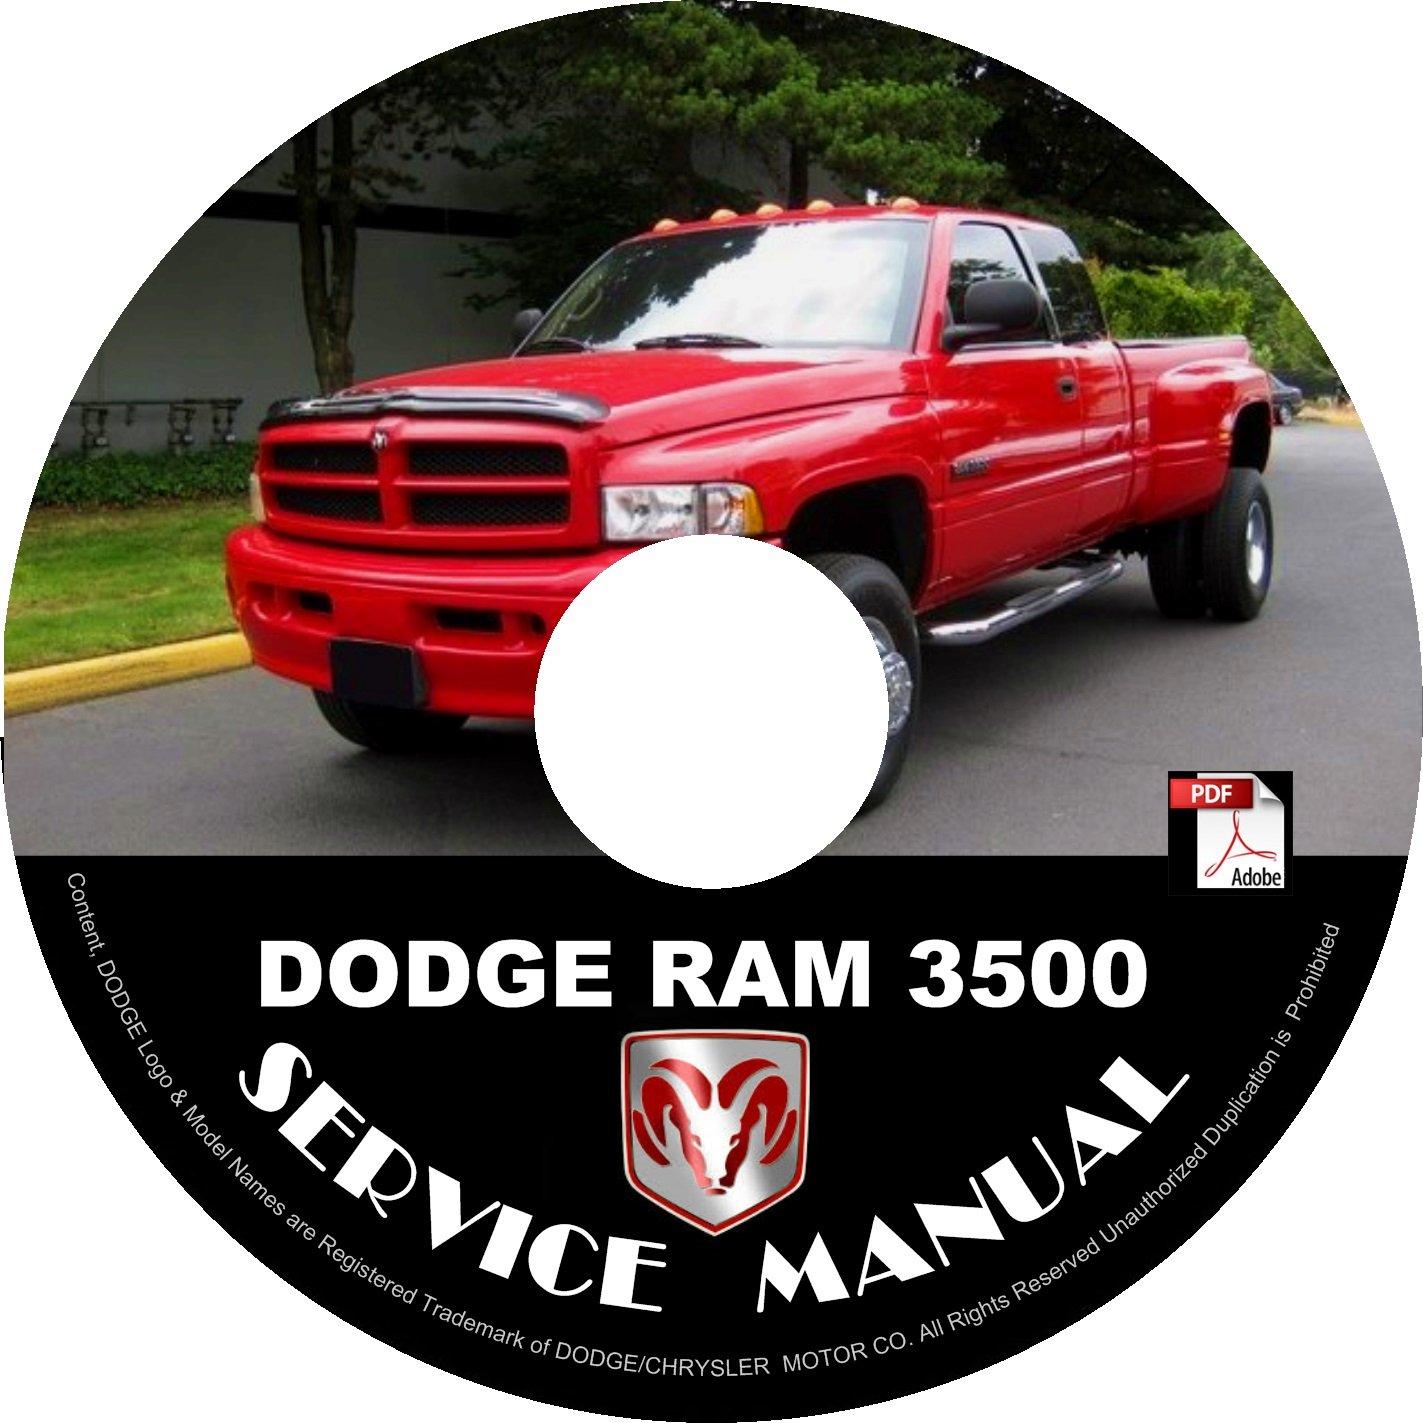 1997 Dodge RAM 3500 Factory Service Repair Shop Manual on CD Fix Repair Rebuilt